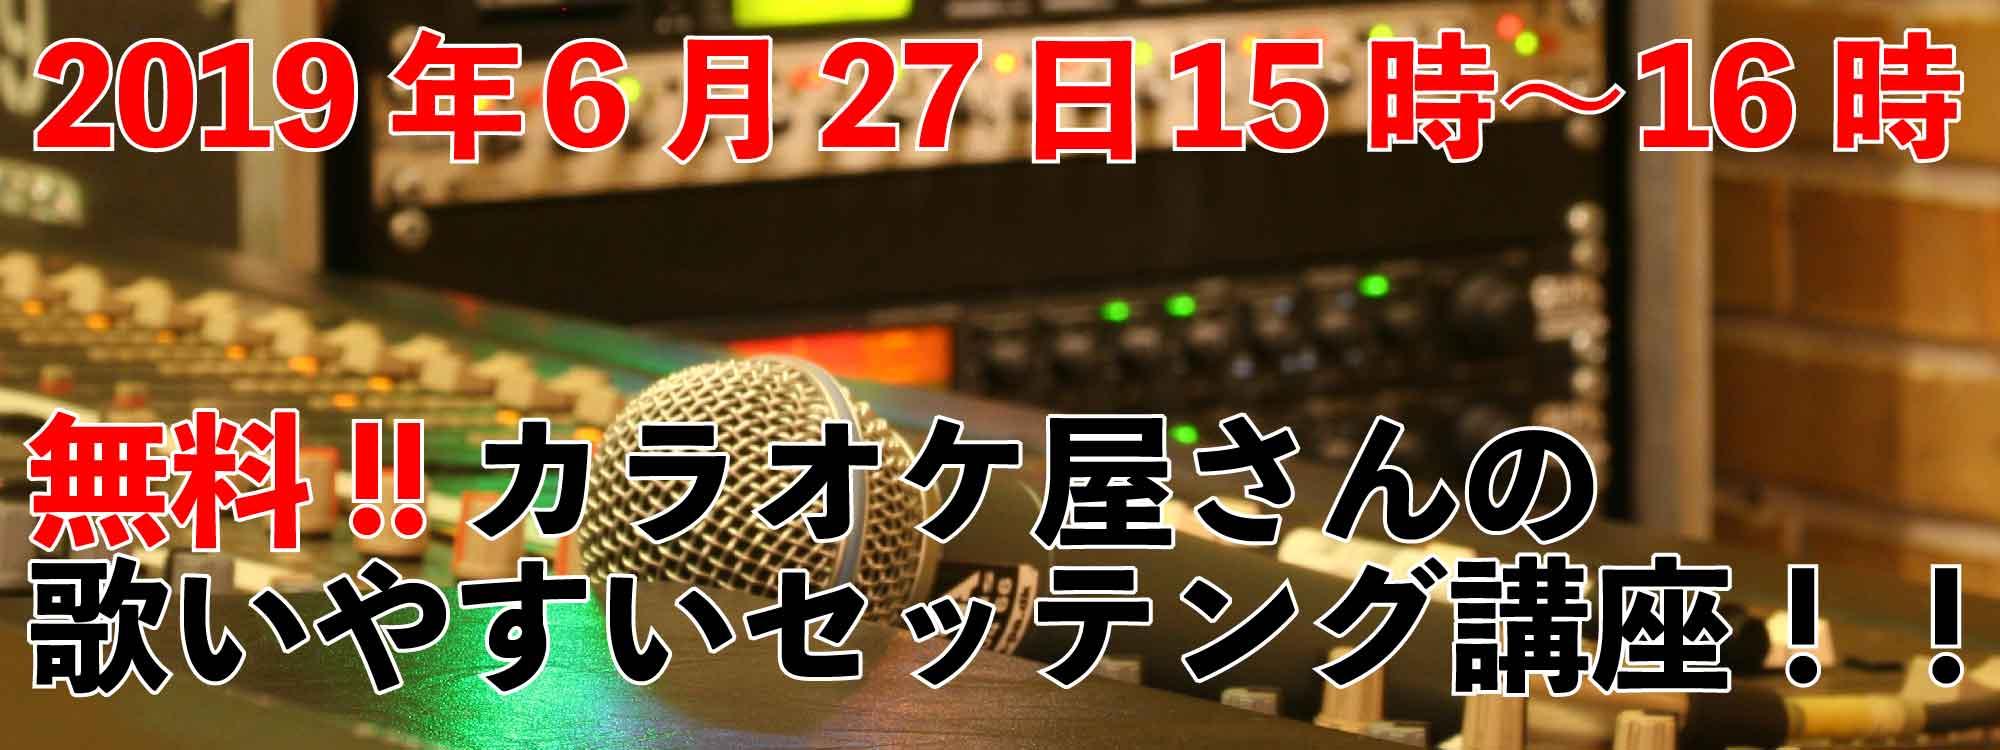 無料!!カラオケ屋さんの歌いやすいセッテング講座